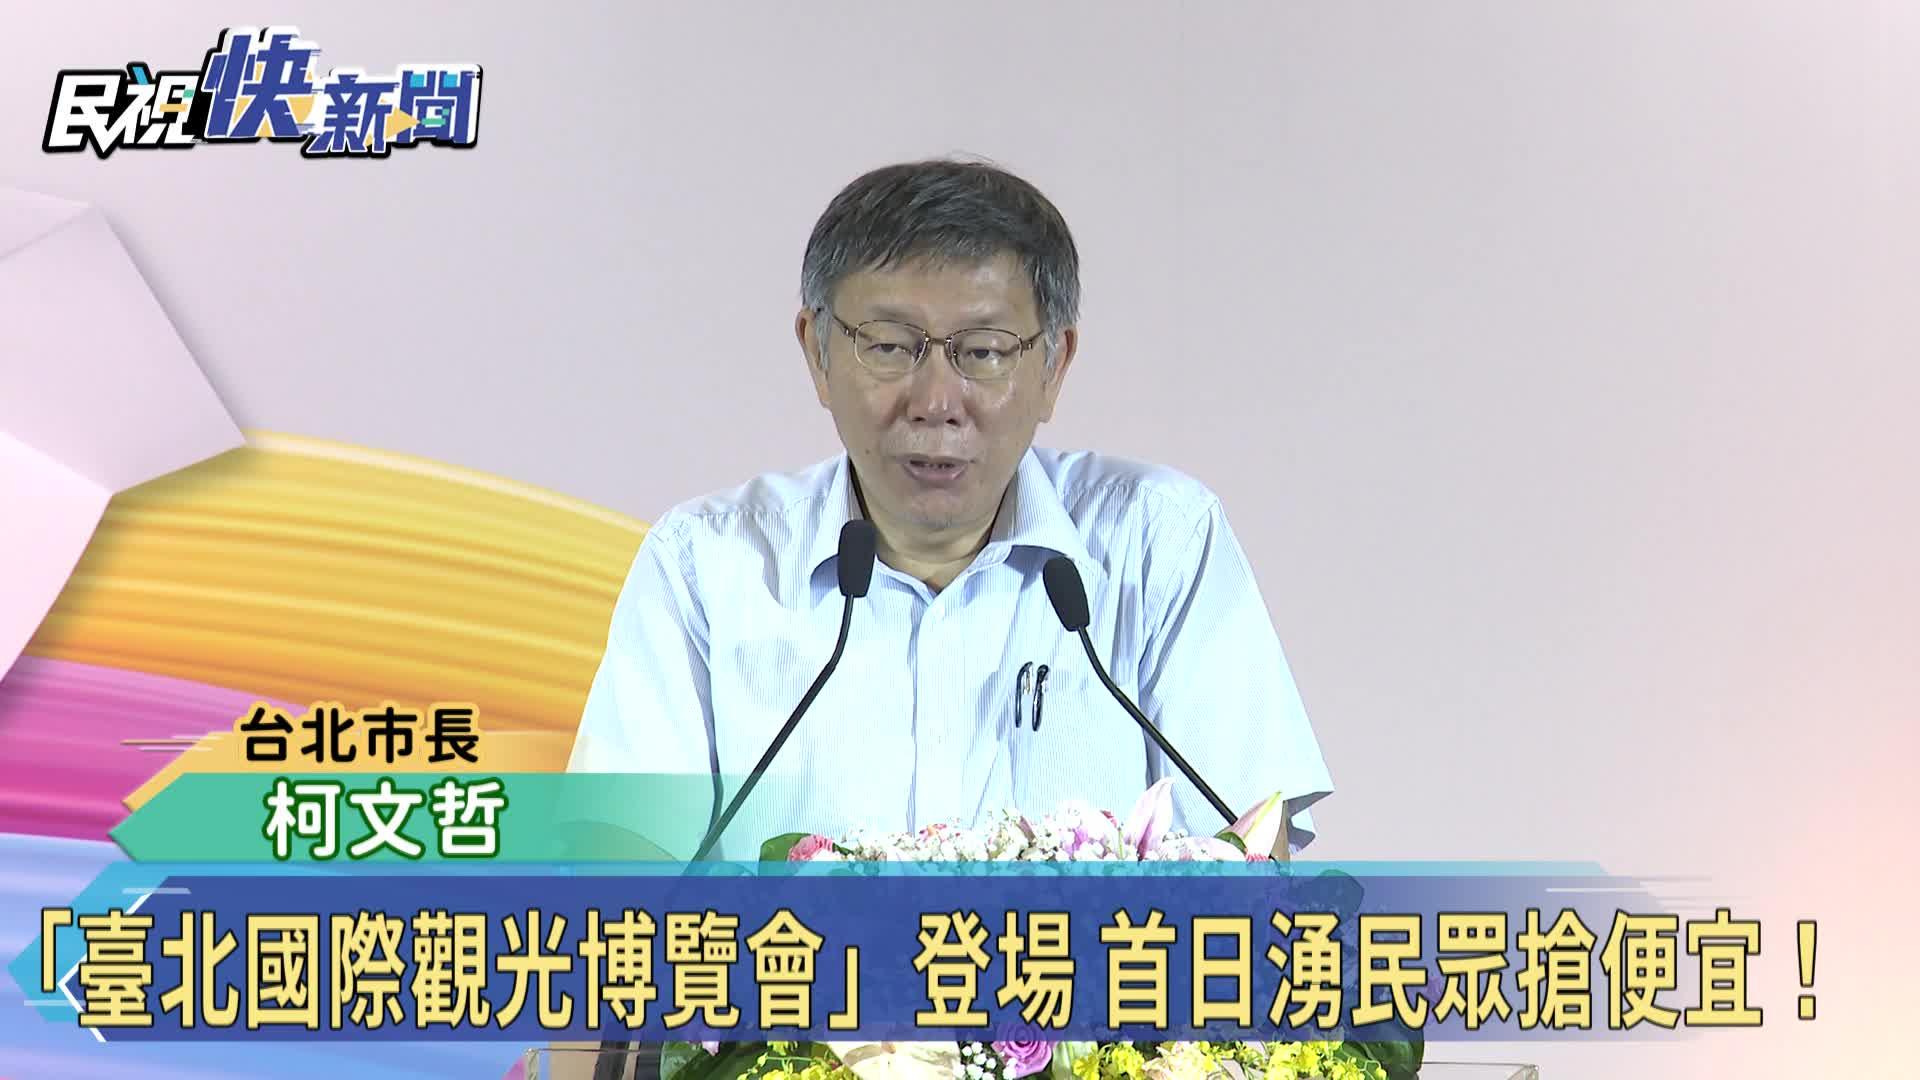 「臺北國際觀光博覽會」登場 首日湧民眾搶便宜!